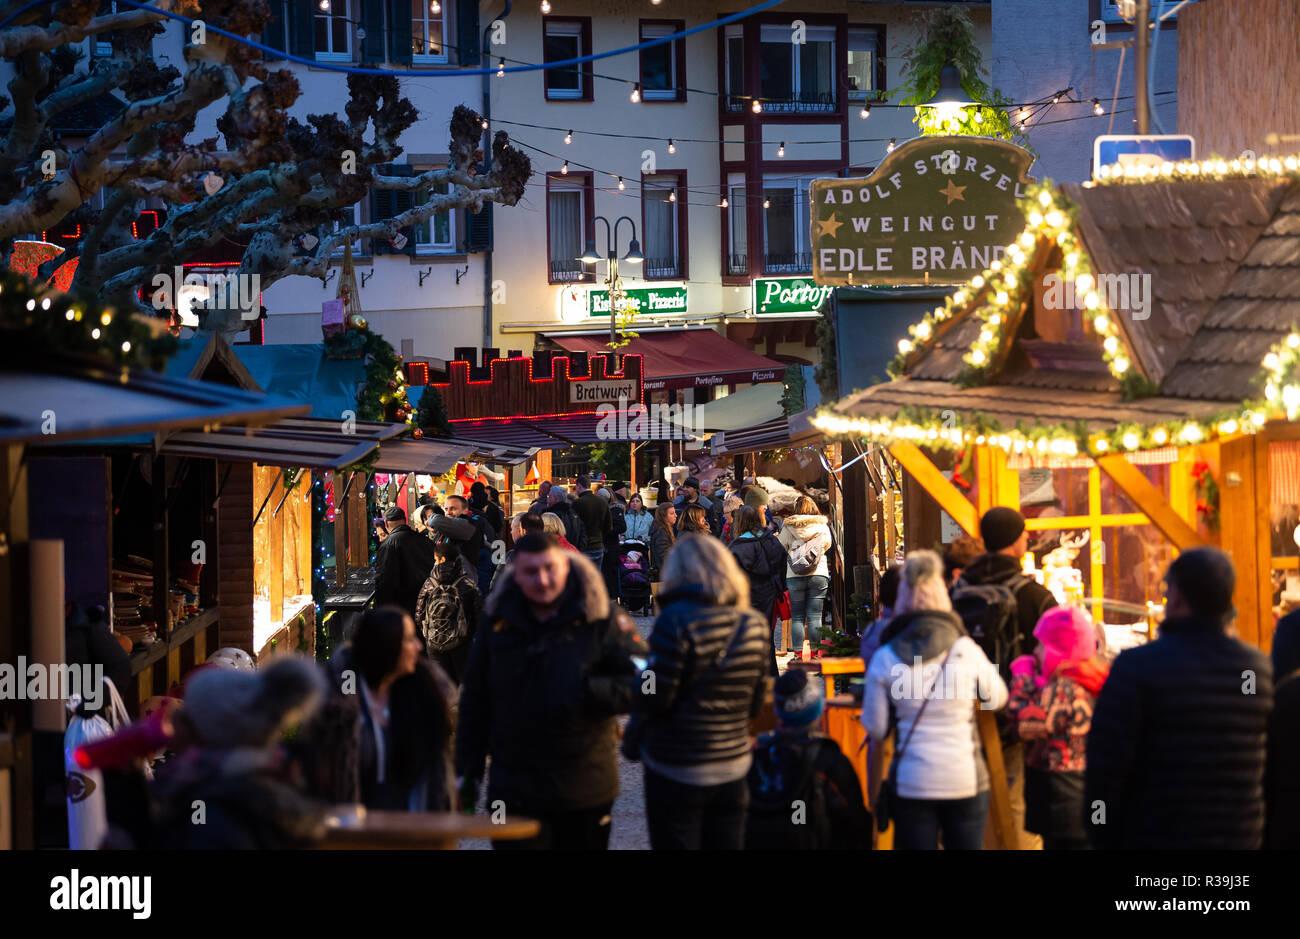 Weihnachtsmarkt Anfang.Hessen Rüdesheim Deutschland 22 Nov 2018 Besucher Spaziergang